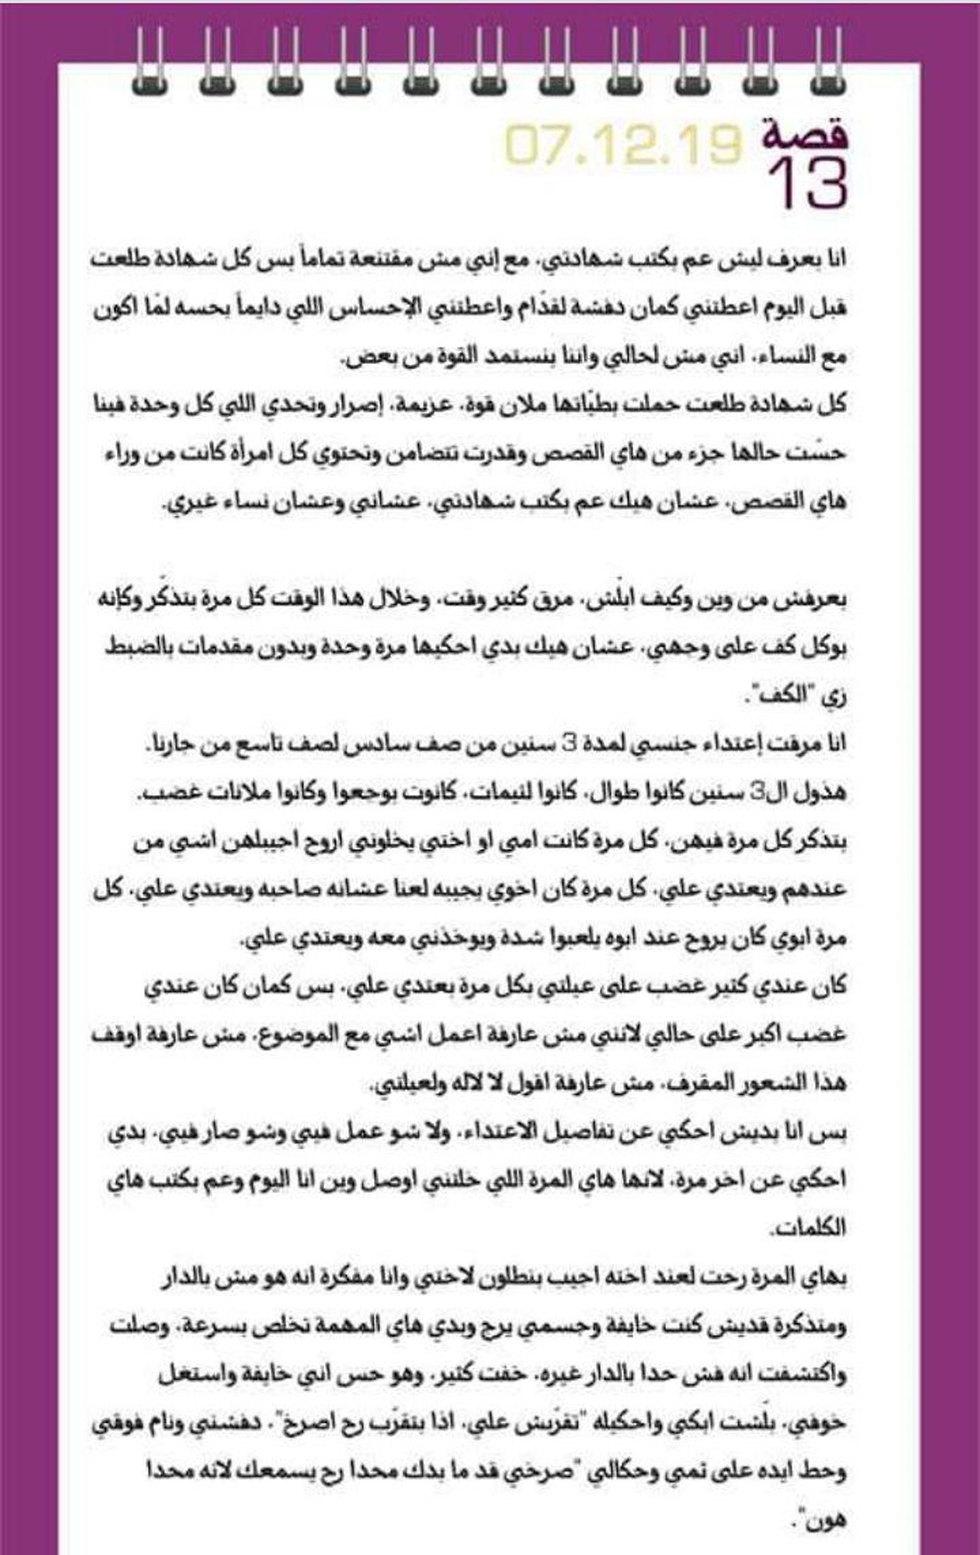 קמפיין metoo# בחברה הערבית ()